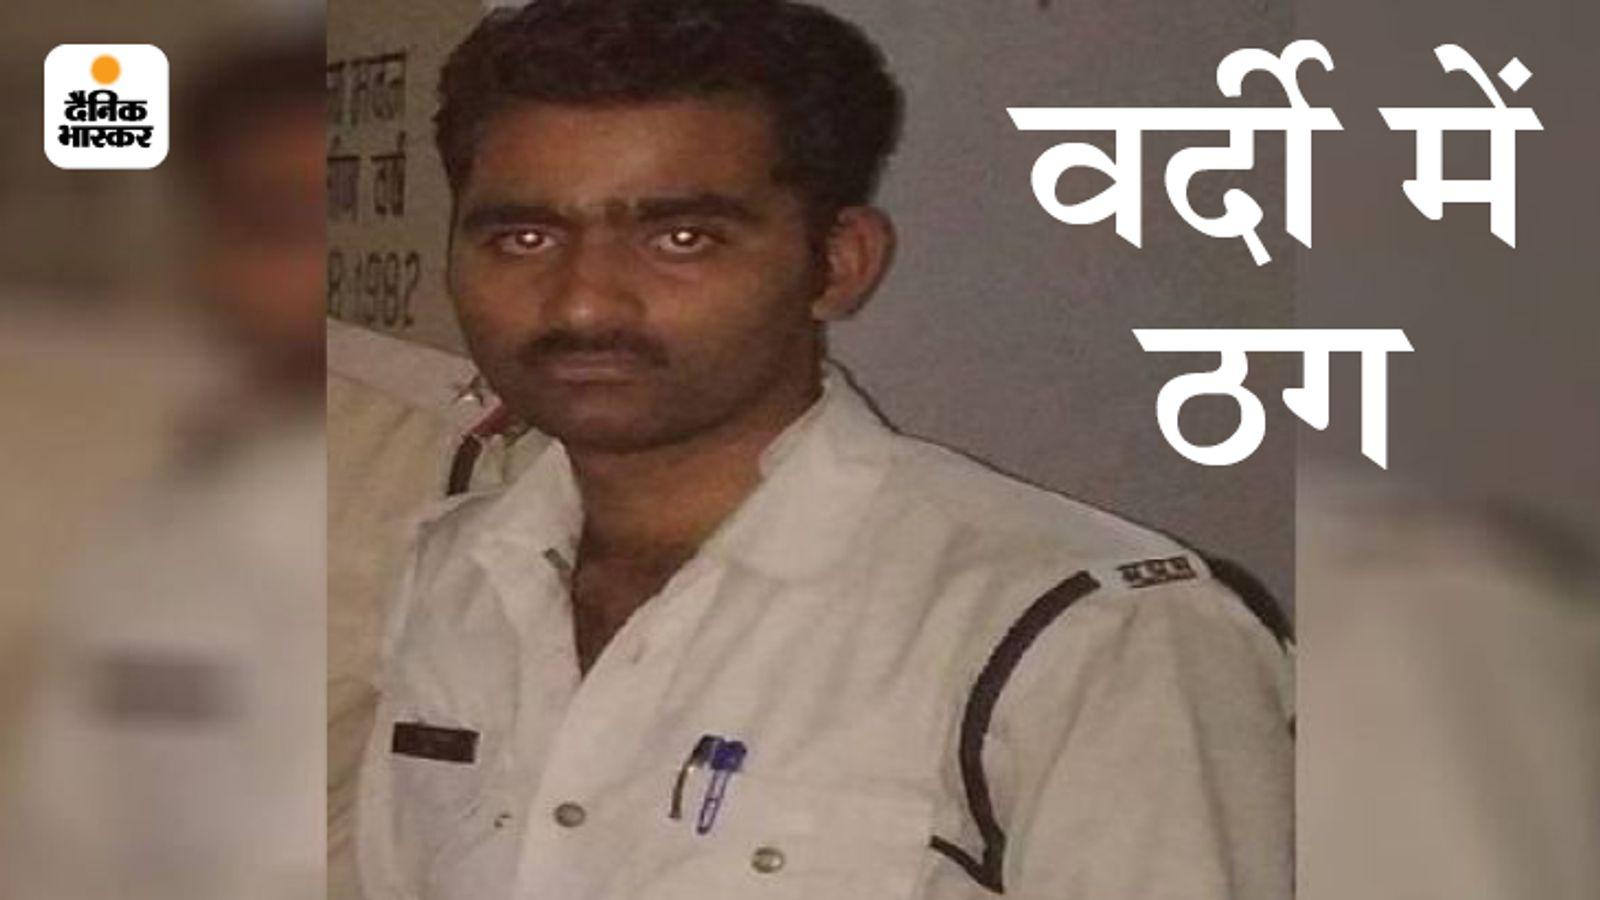 शराब तस्करों से गठजोड़ करना आरक्षक को पड़ा भारी, SP ने जांच के बाद किया सेवा से बर्खास्त|रीवा,Rewa - Dainik Bhaskar